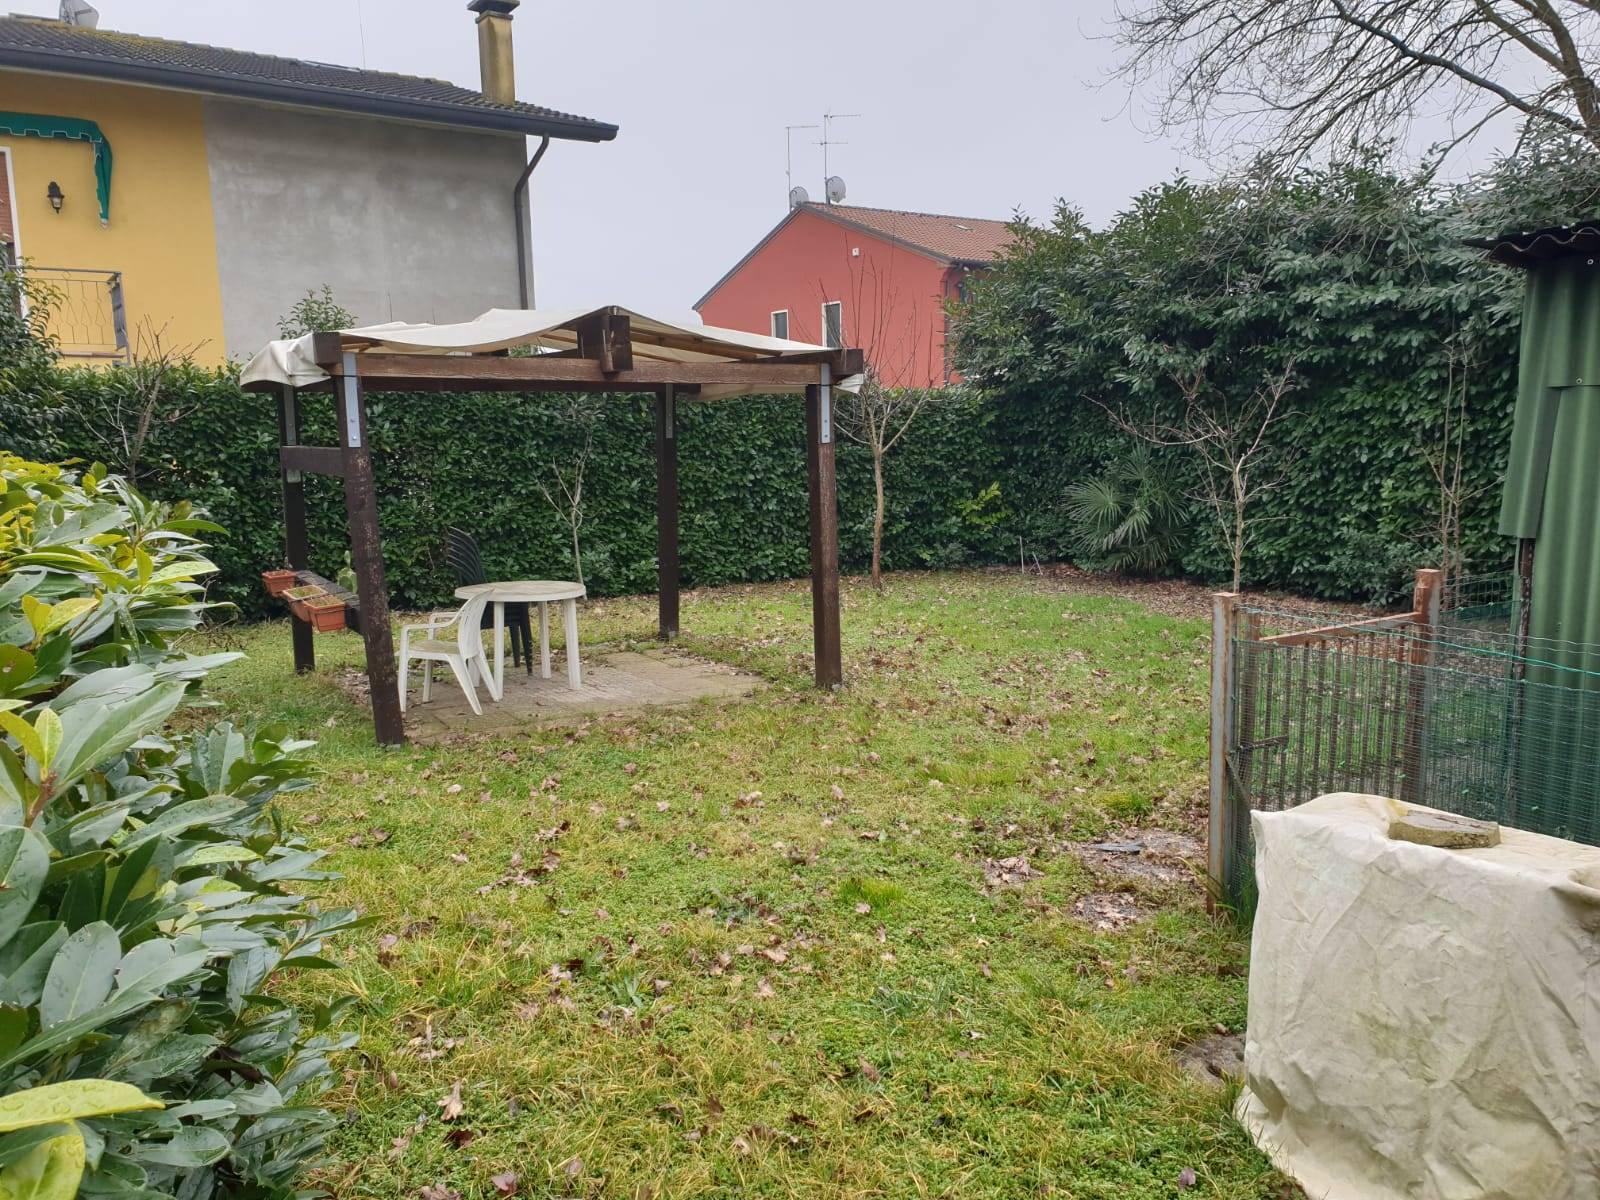 Soluzione Semindipendente in affitto a Quarto d'Altino, 4 locali, zona Zona: Portegrandi, prezzo € 900   CambioCasa.it